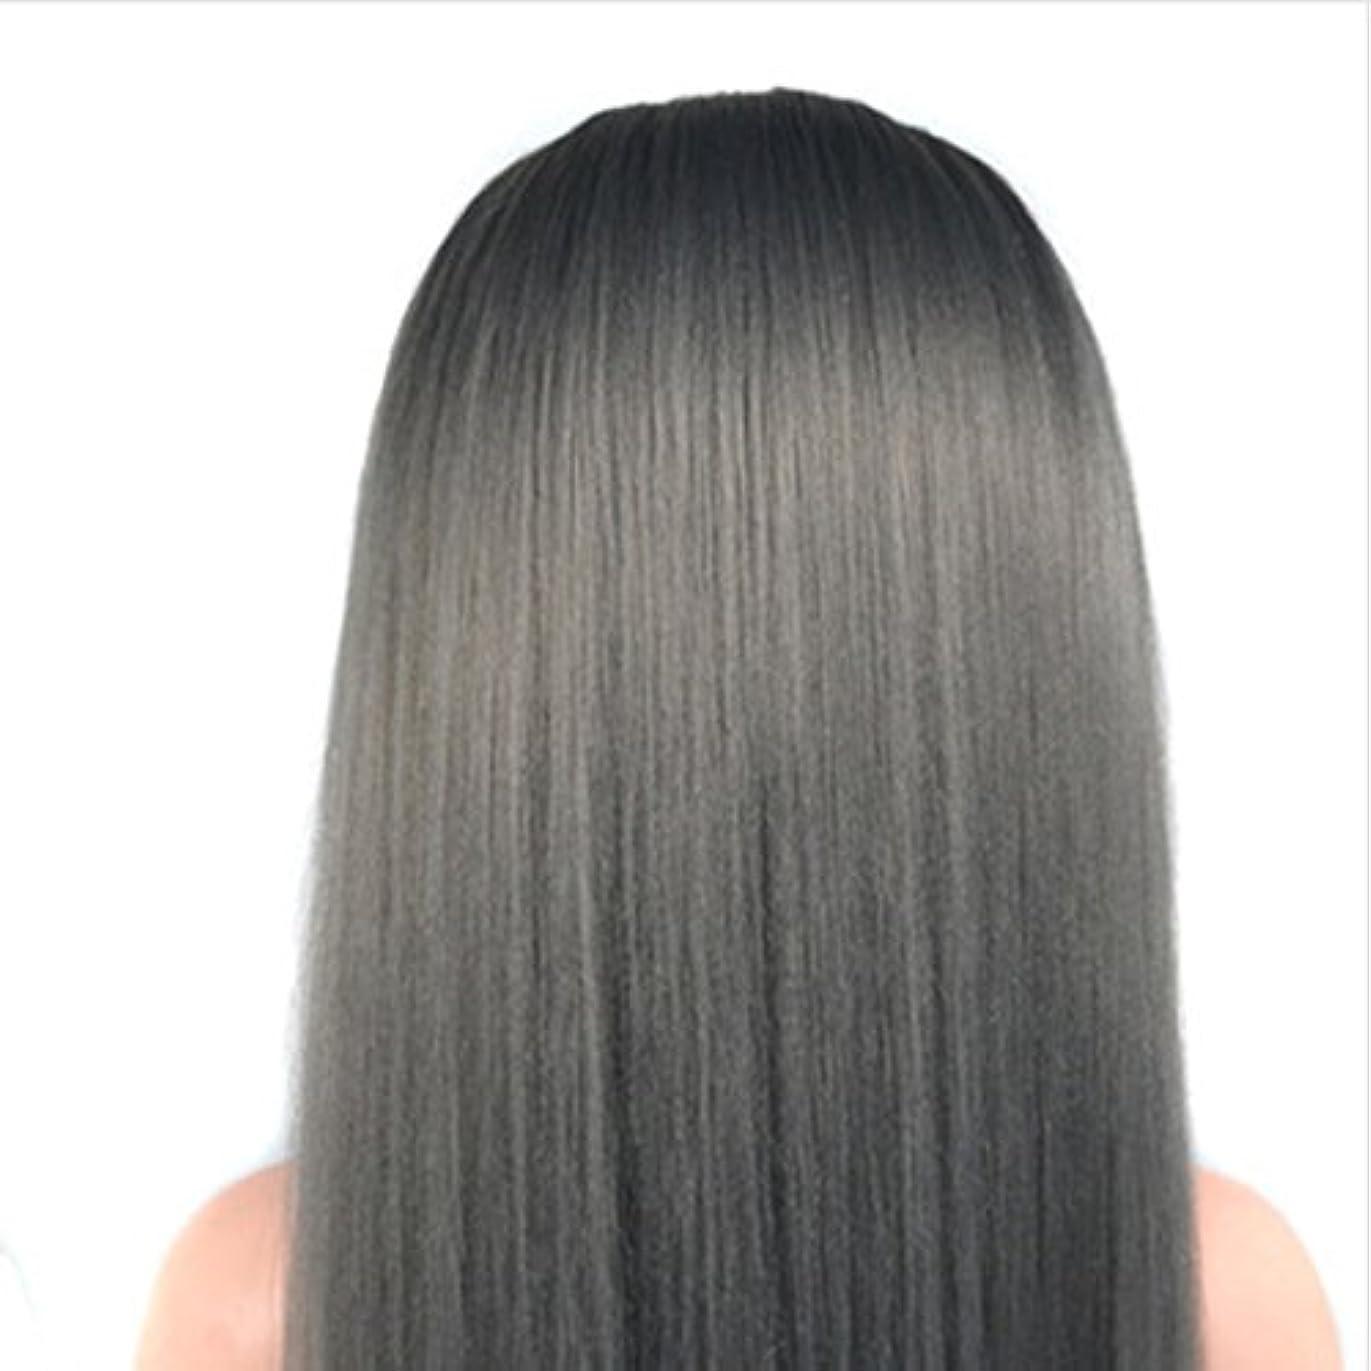 均等に八百屋さん報復人間の毛髪が付いている60 cmのかつらの頭部の化粧品のマネキンのマネキンの訓練の頭部 モデリングツール (色 : Grandma gray)